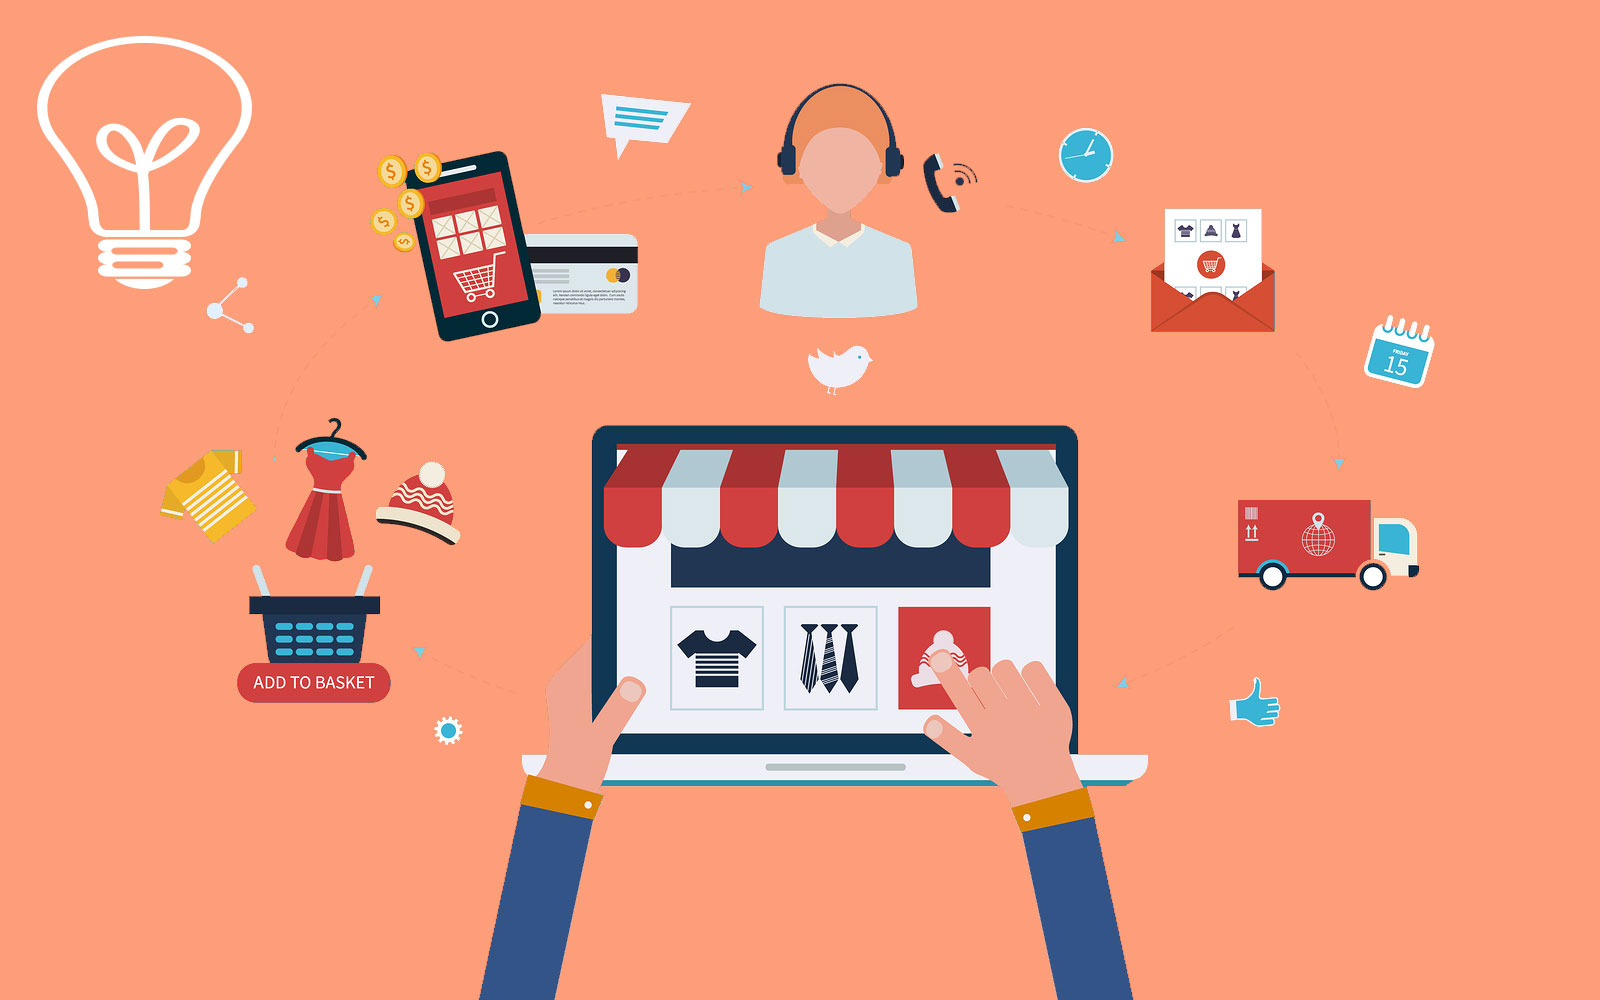 Ngườicộng tácviên bán hàng online là làm gì?